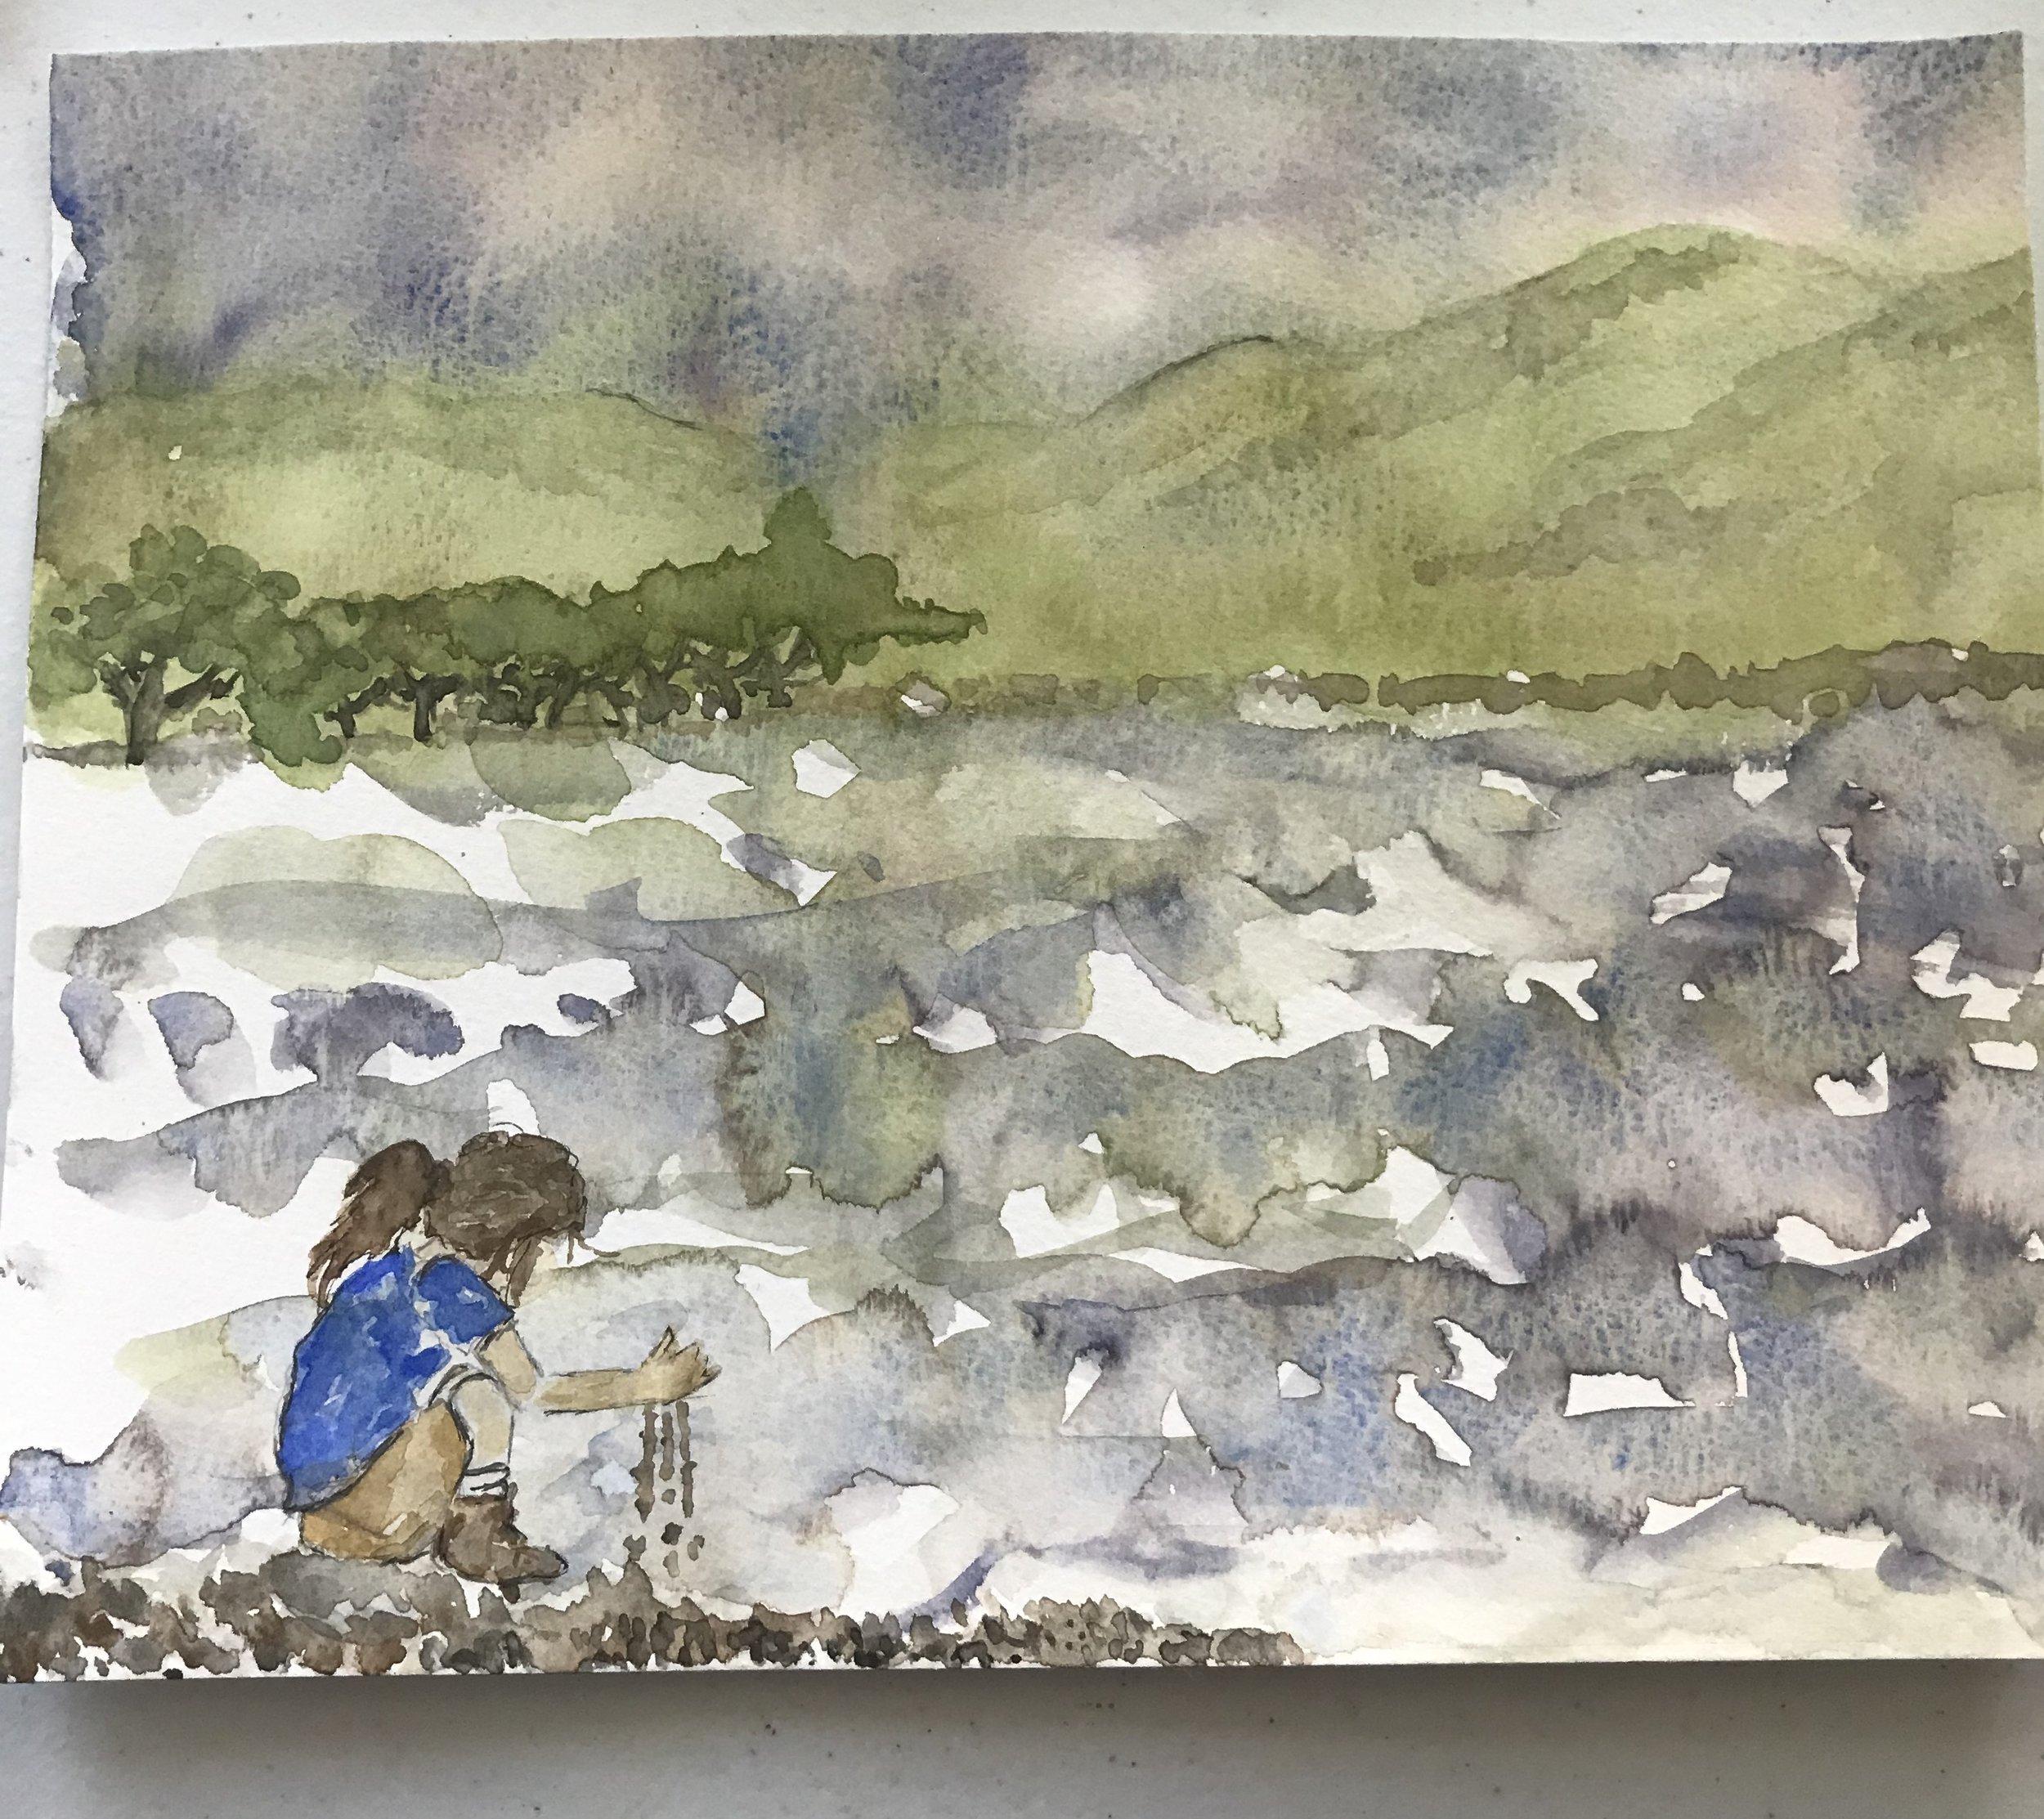 original watercolor by Elizabeth Esther, copyright 2017